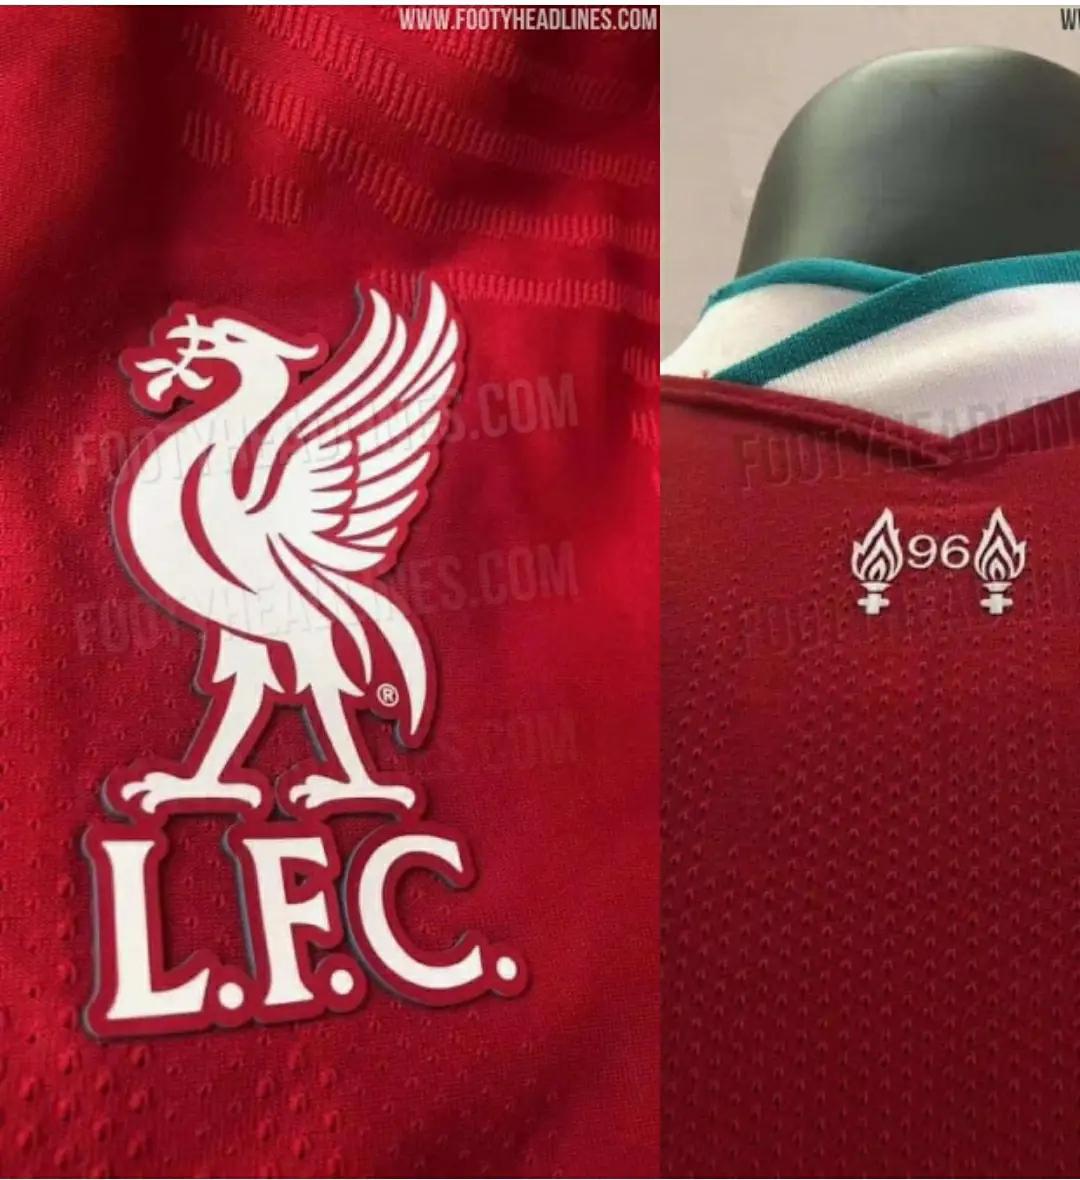 gambar desain bocoran jersey liverpool musim 2020-2021